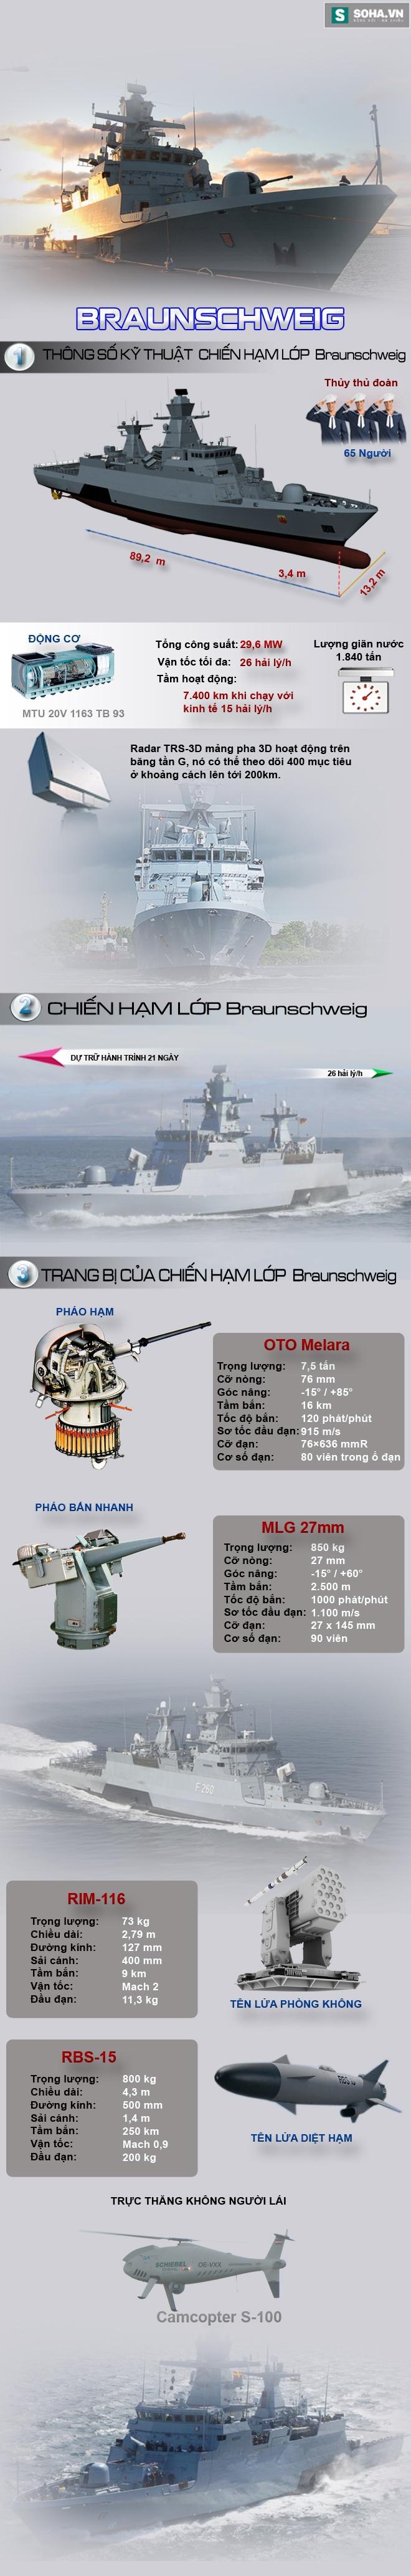 Tàu hộ tống Đức dùng để kiềm chế Nga tại Baltic mạnh đến mức nào? - Ảnh 1.